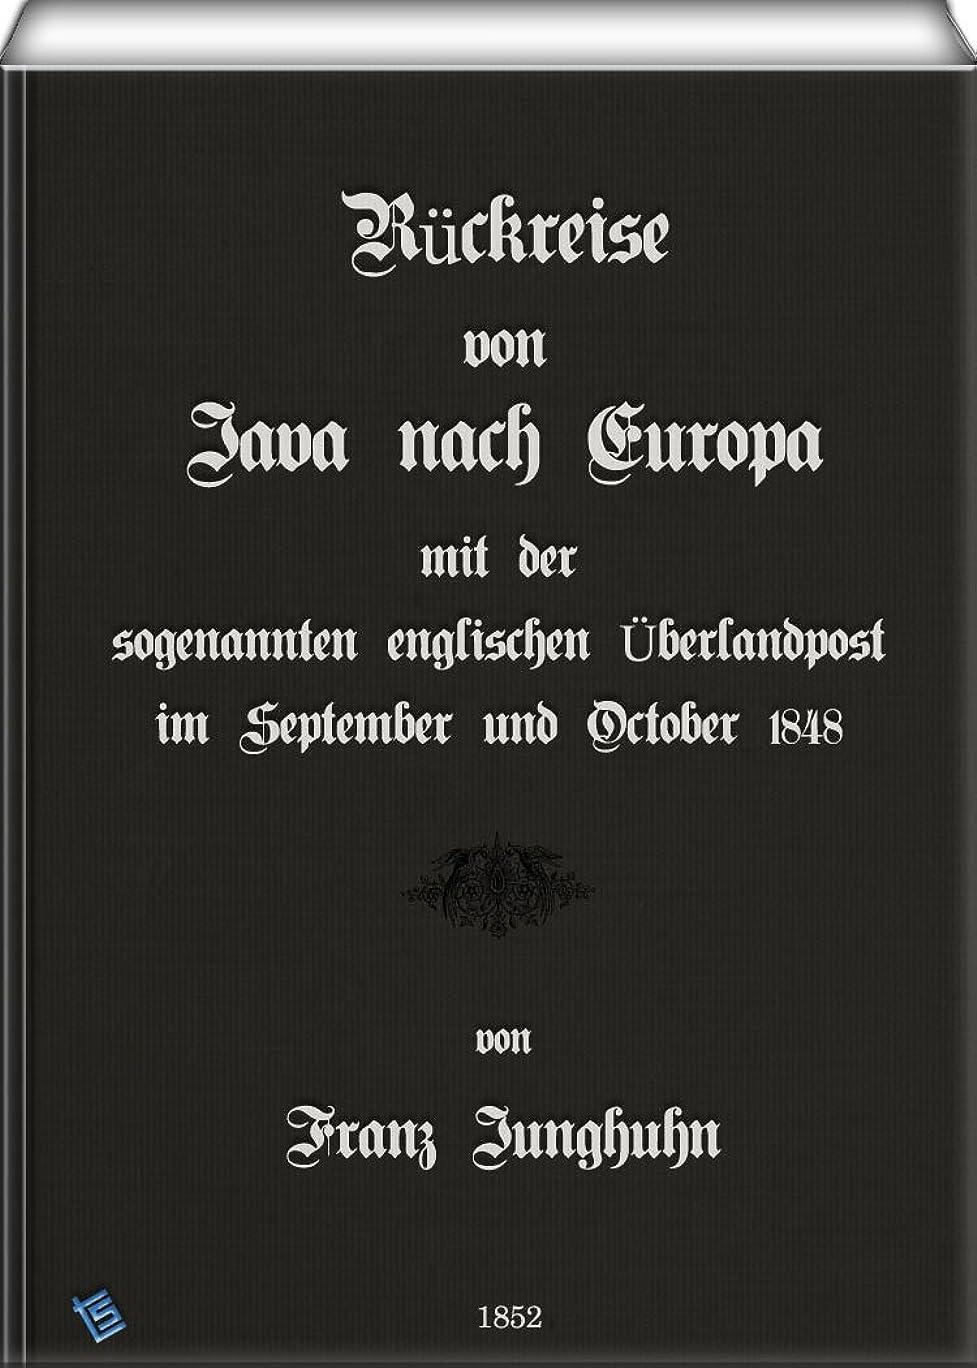 財布辞任無駄だRückreise von Java nach Europa mit der sogenannten englischen überlandpost im September und October 1848 (German Edition)